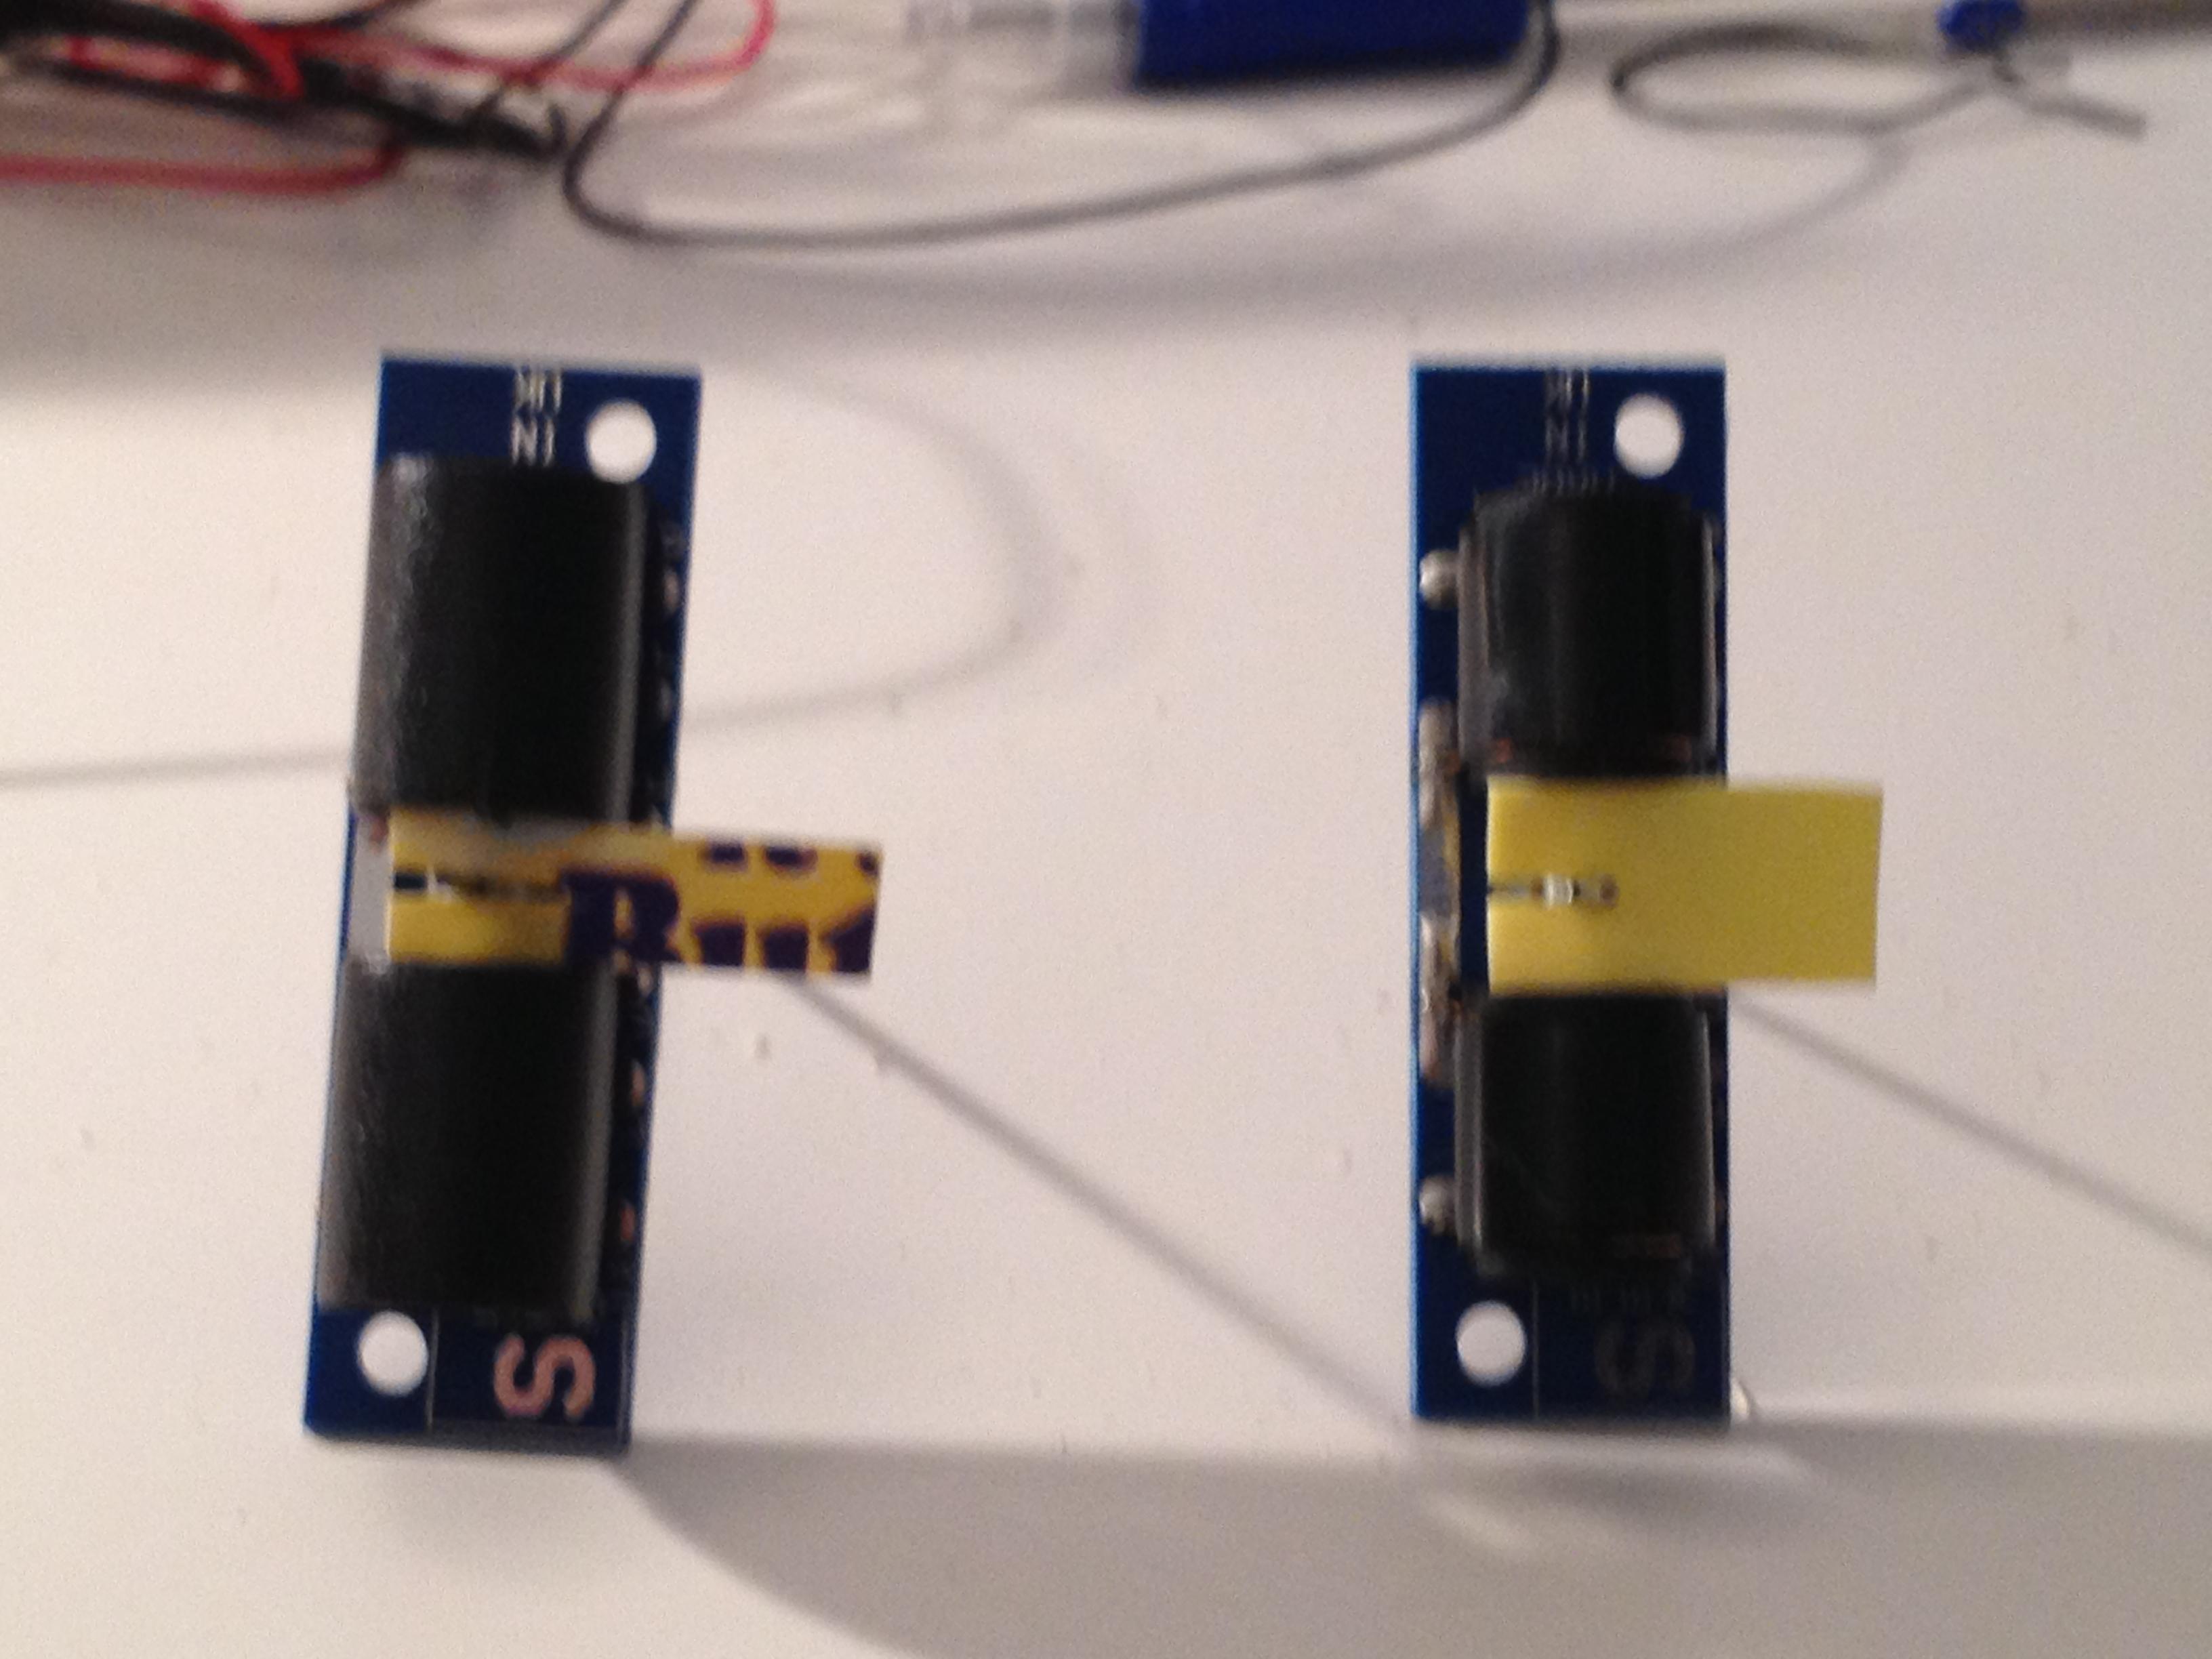 Wiring Diagram Seep Point Motors : Fitting seep point motors